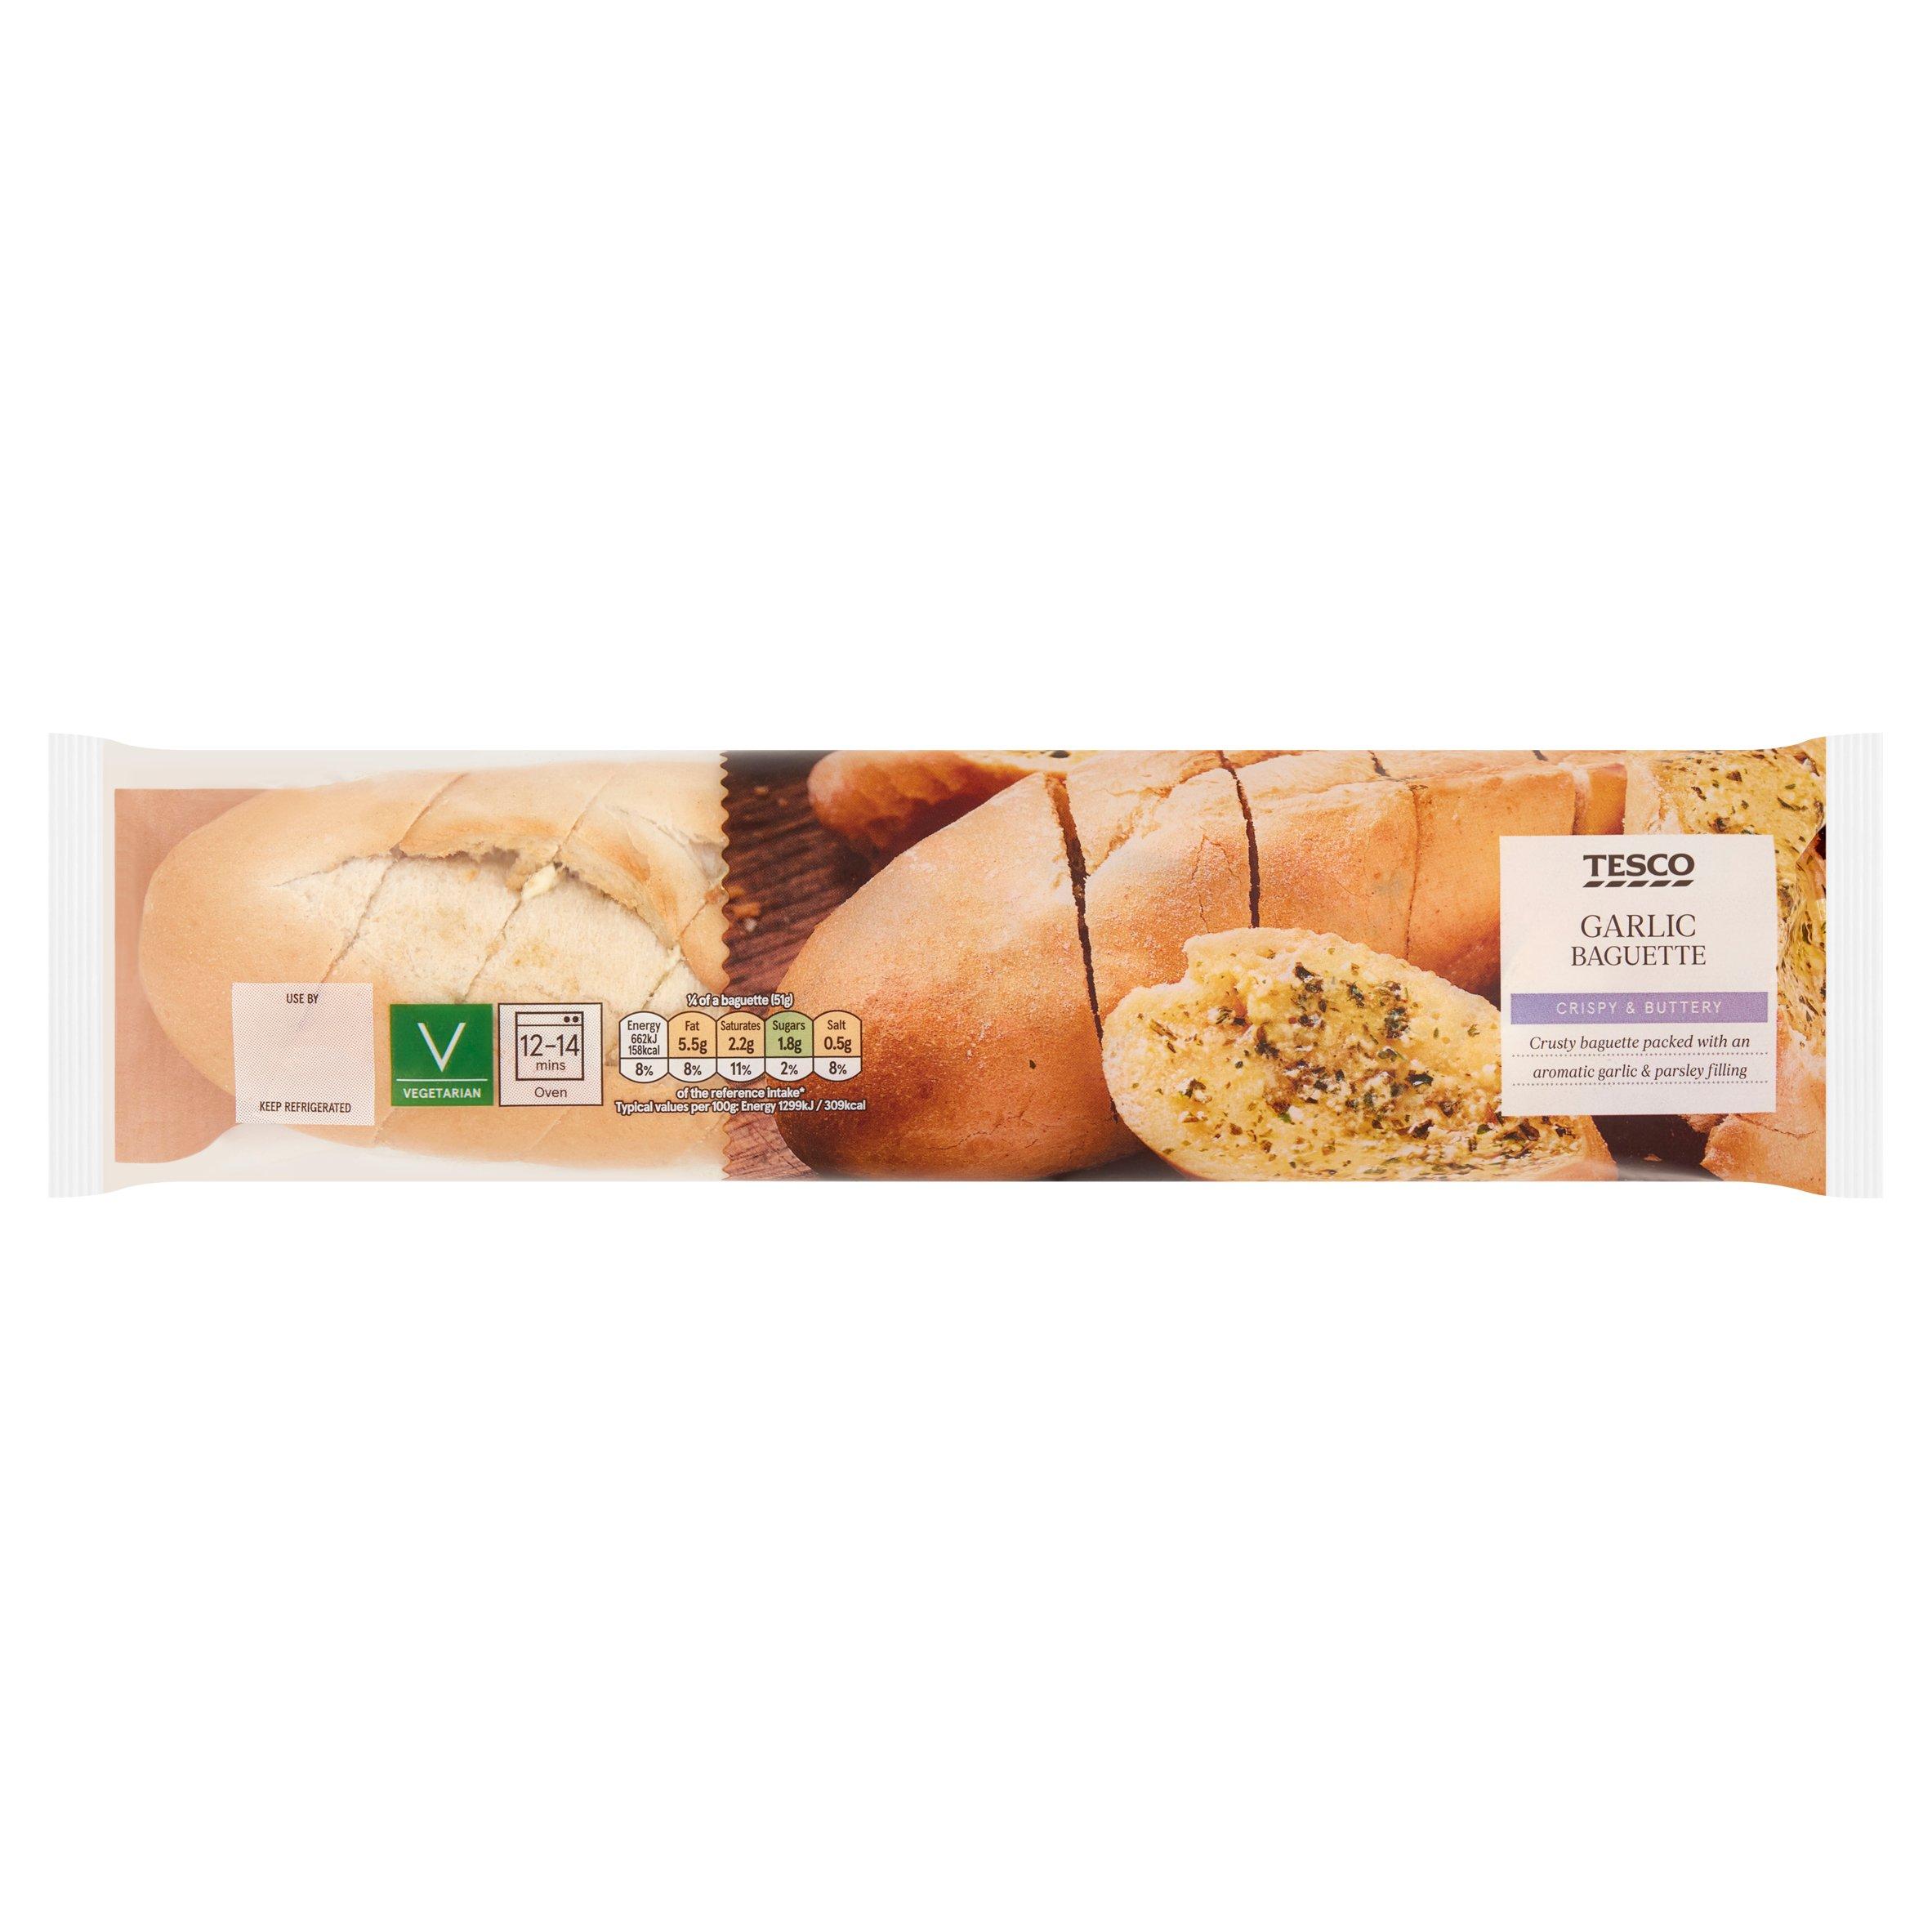 Tesco Garlic Baguette 205G